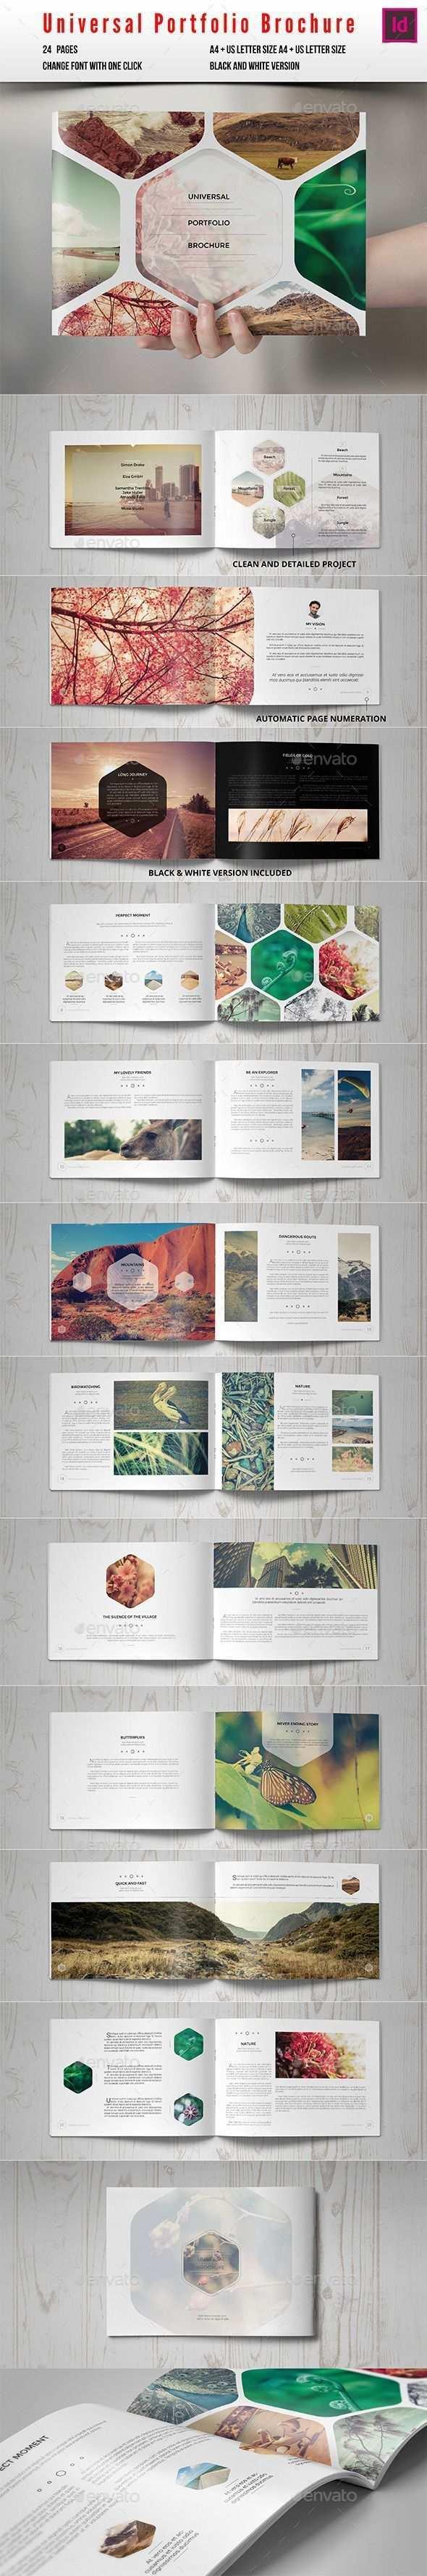 Universal Portfolio Broschure Katalog Indesign Vorlage Nur Hier Erhalt Broschure Erhalt Hier Indesignvorlage Katalo Portfolio Design Booklet Design Catalog Design